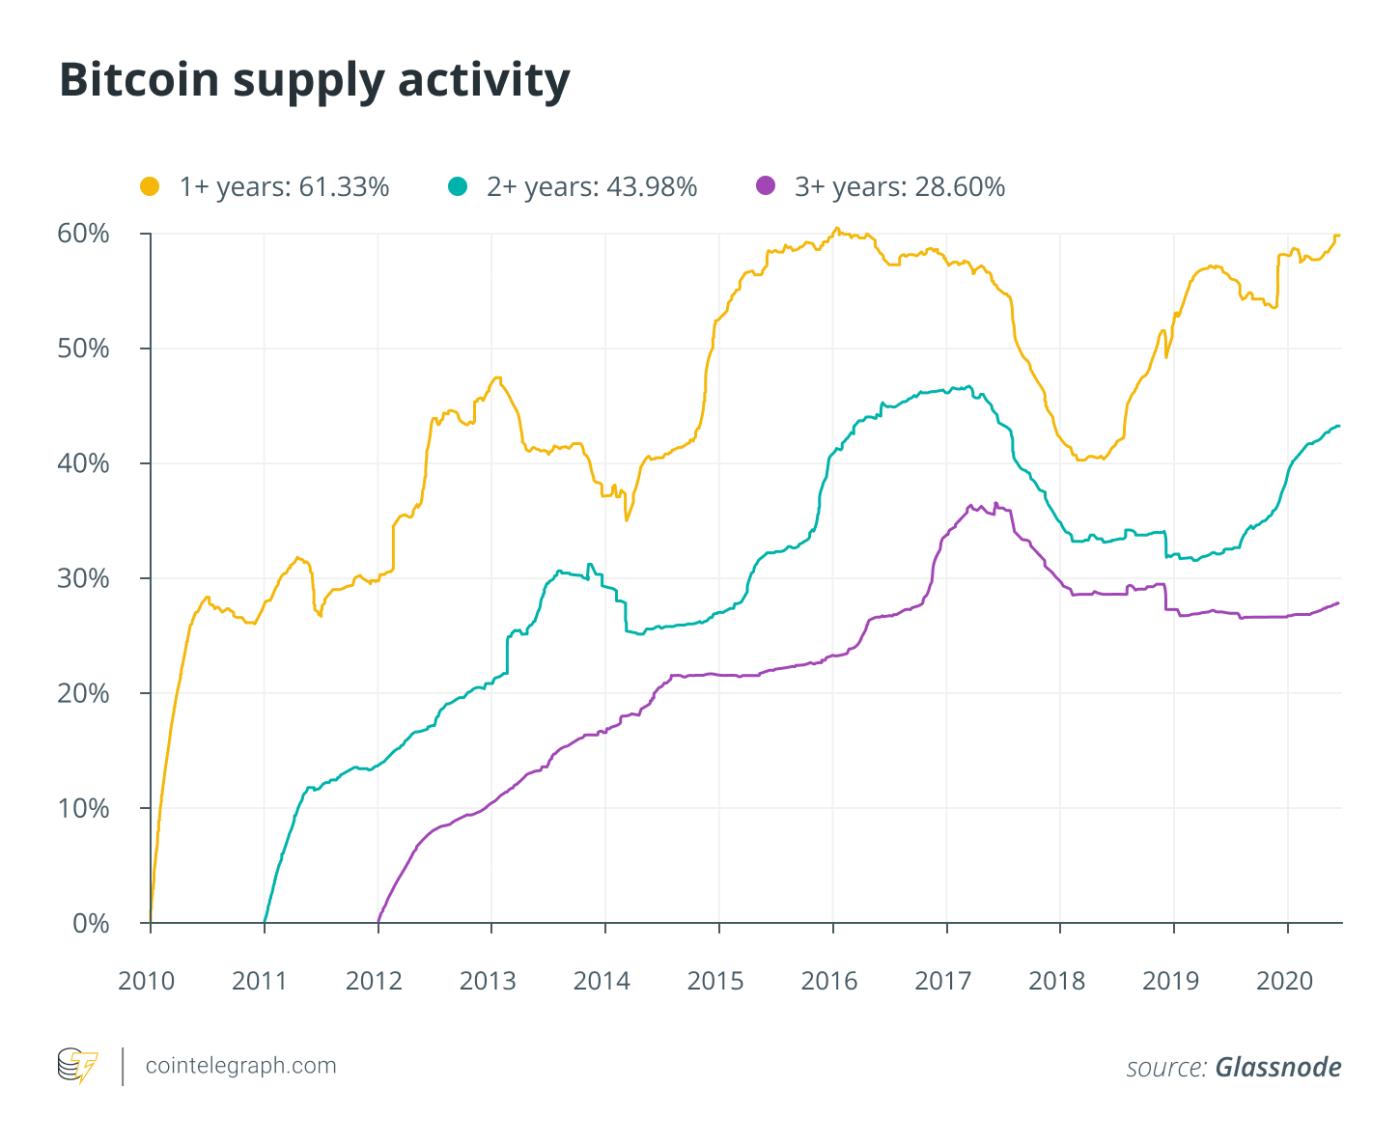 Bitcoin supply activity